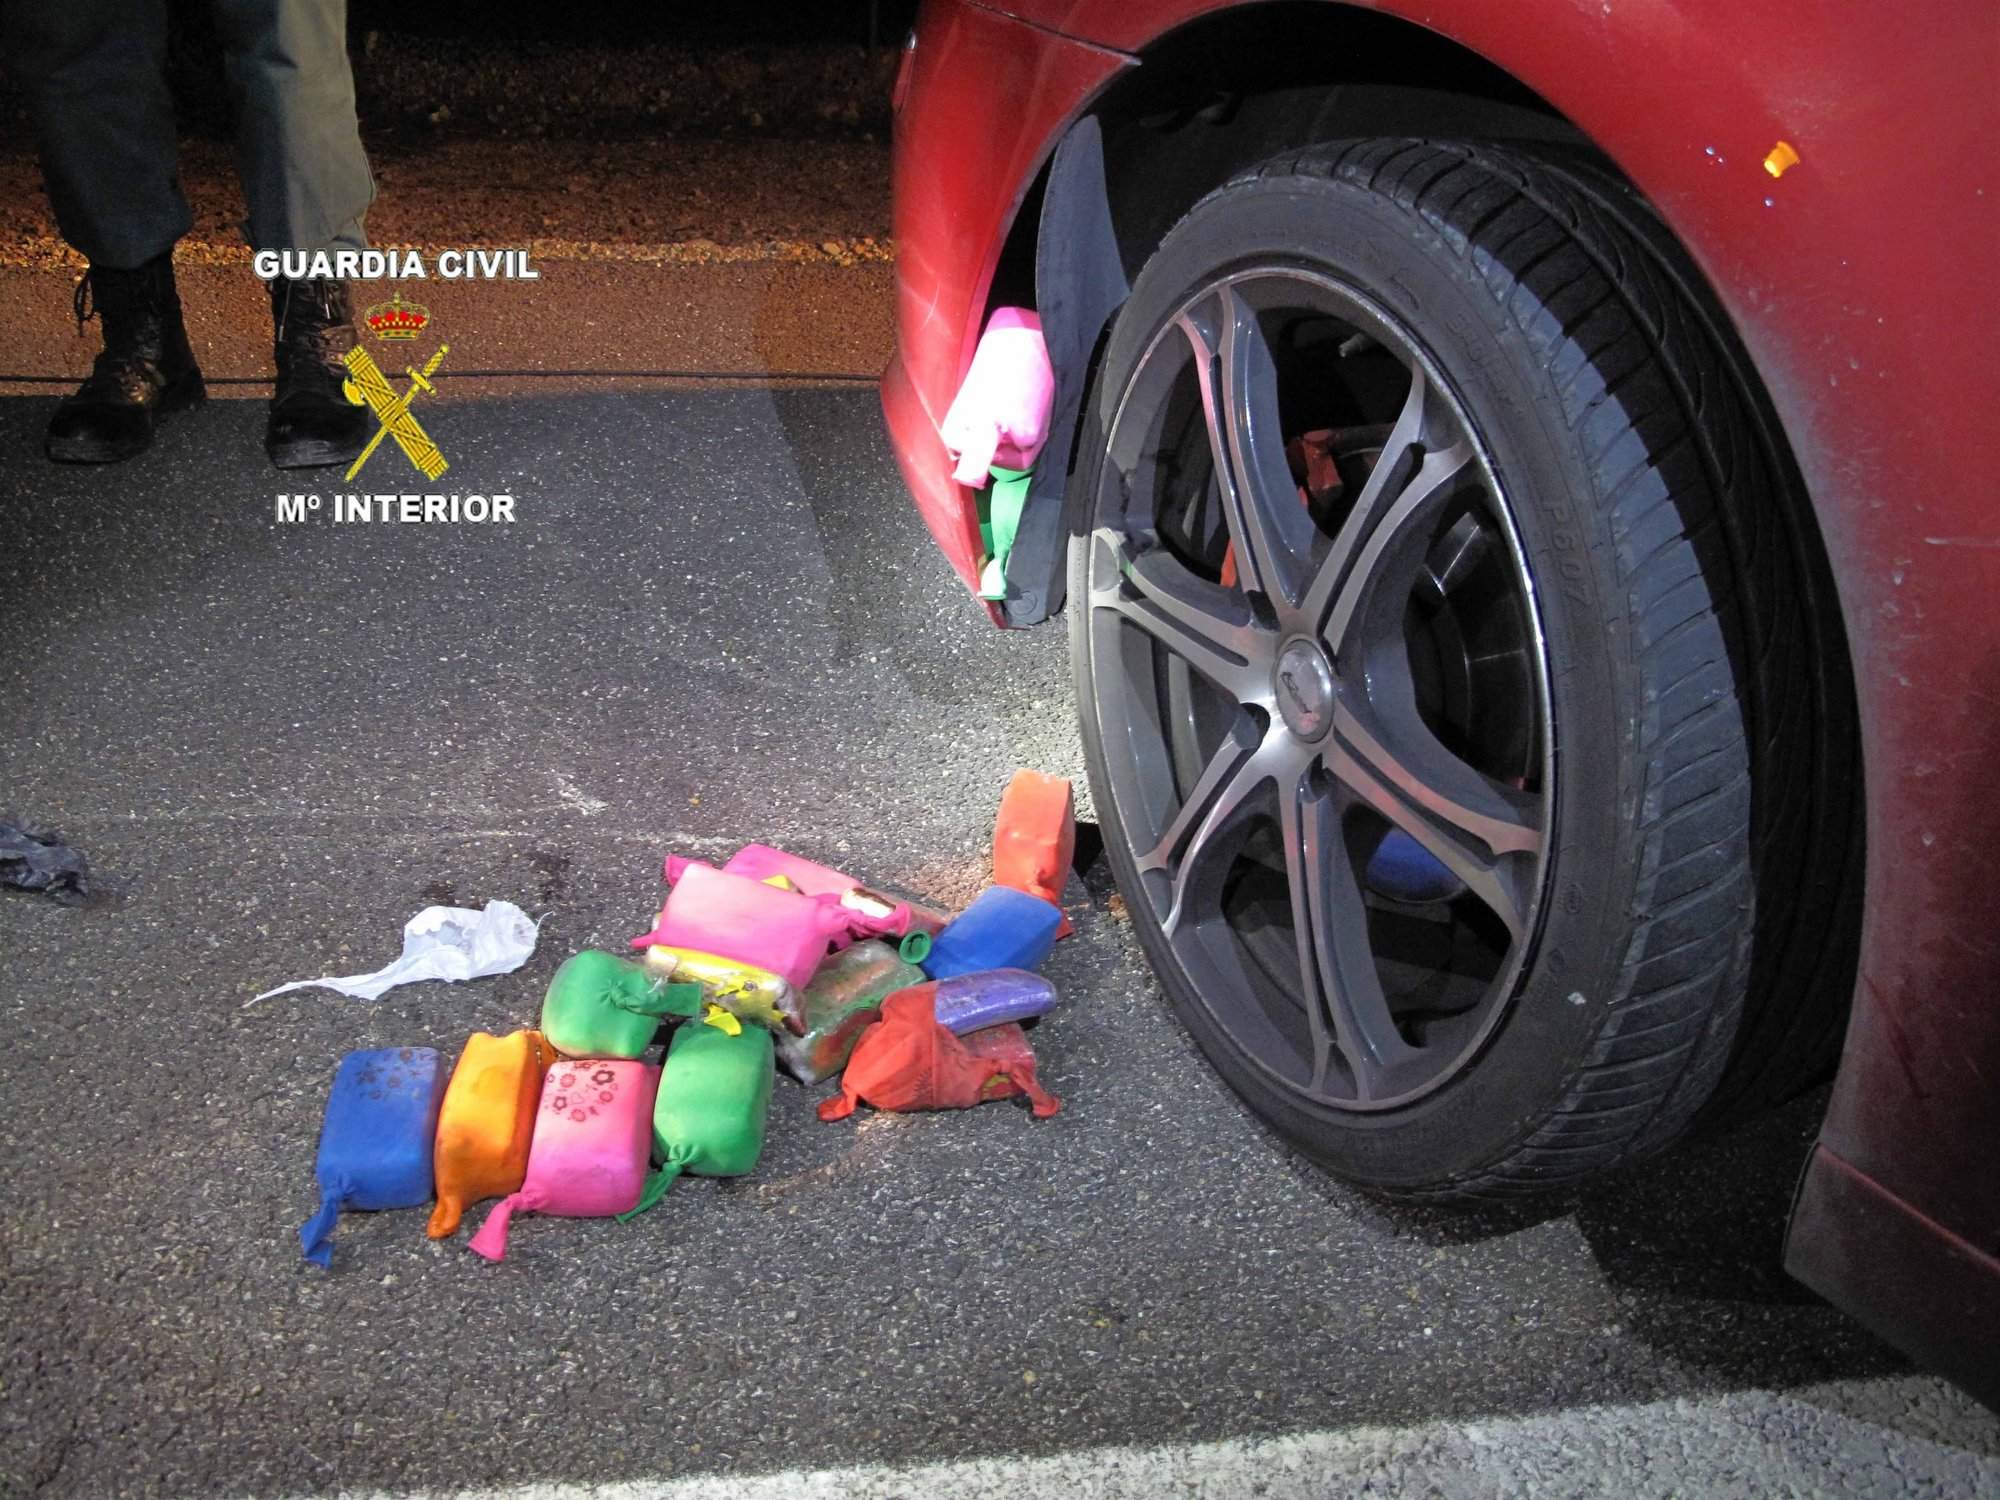 Dos detenidos en Manzanares(Ciudad Real) con 6,1 kilos de hachís que transportaban en el interior de un vehículo